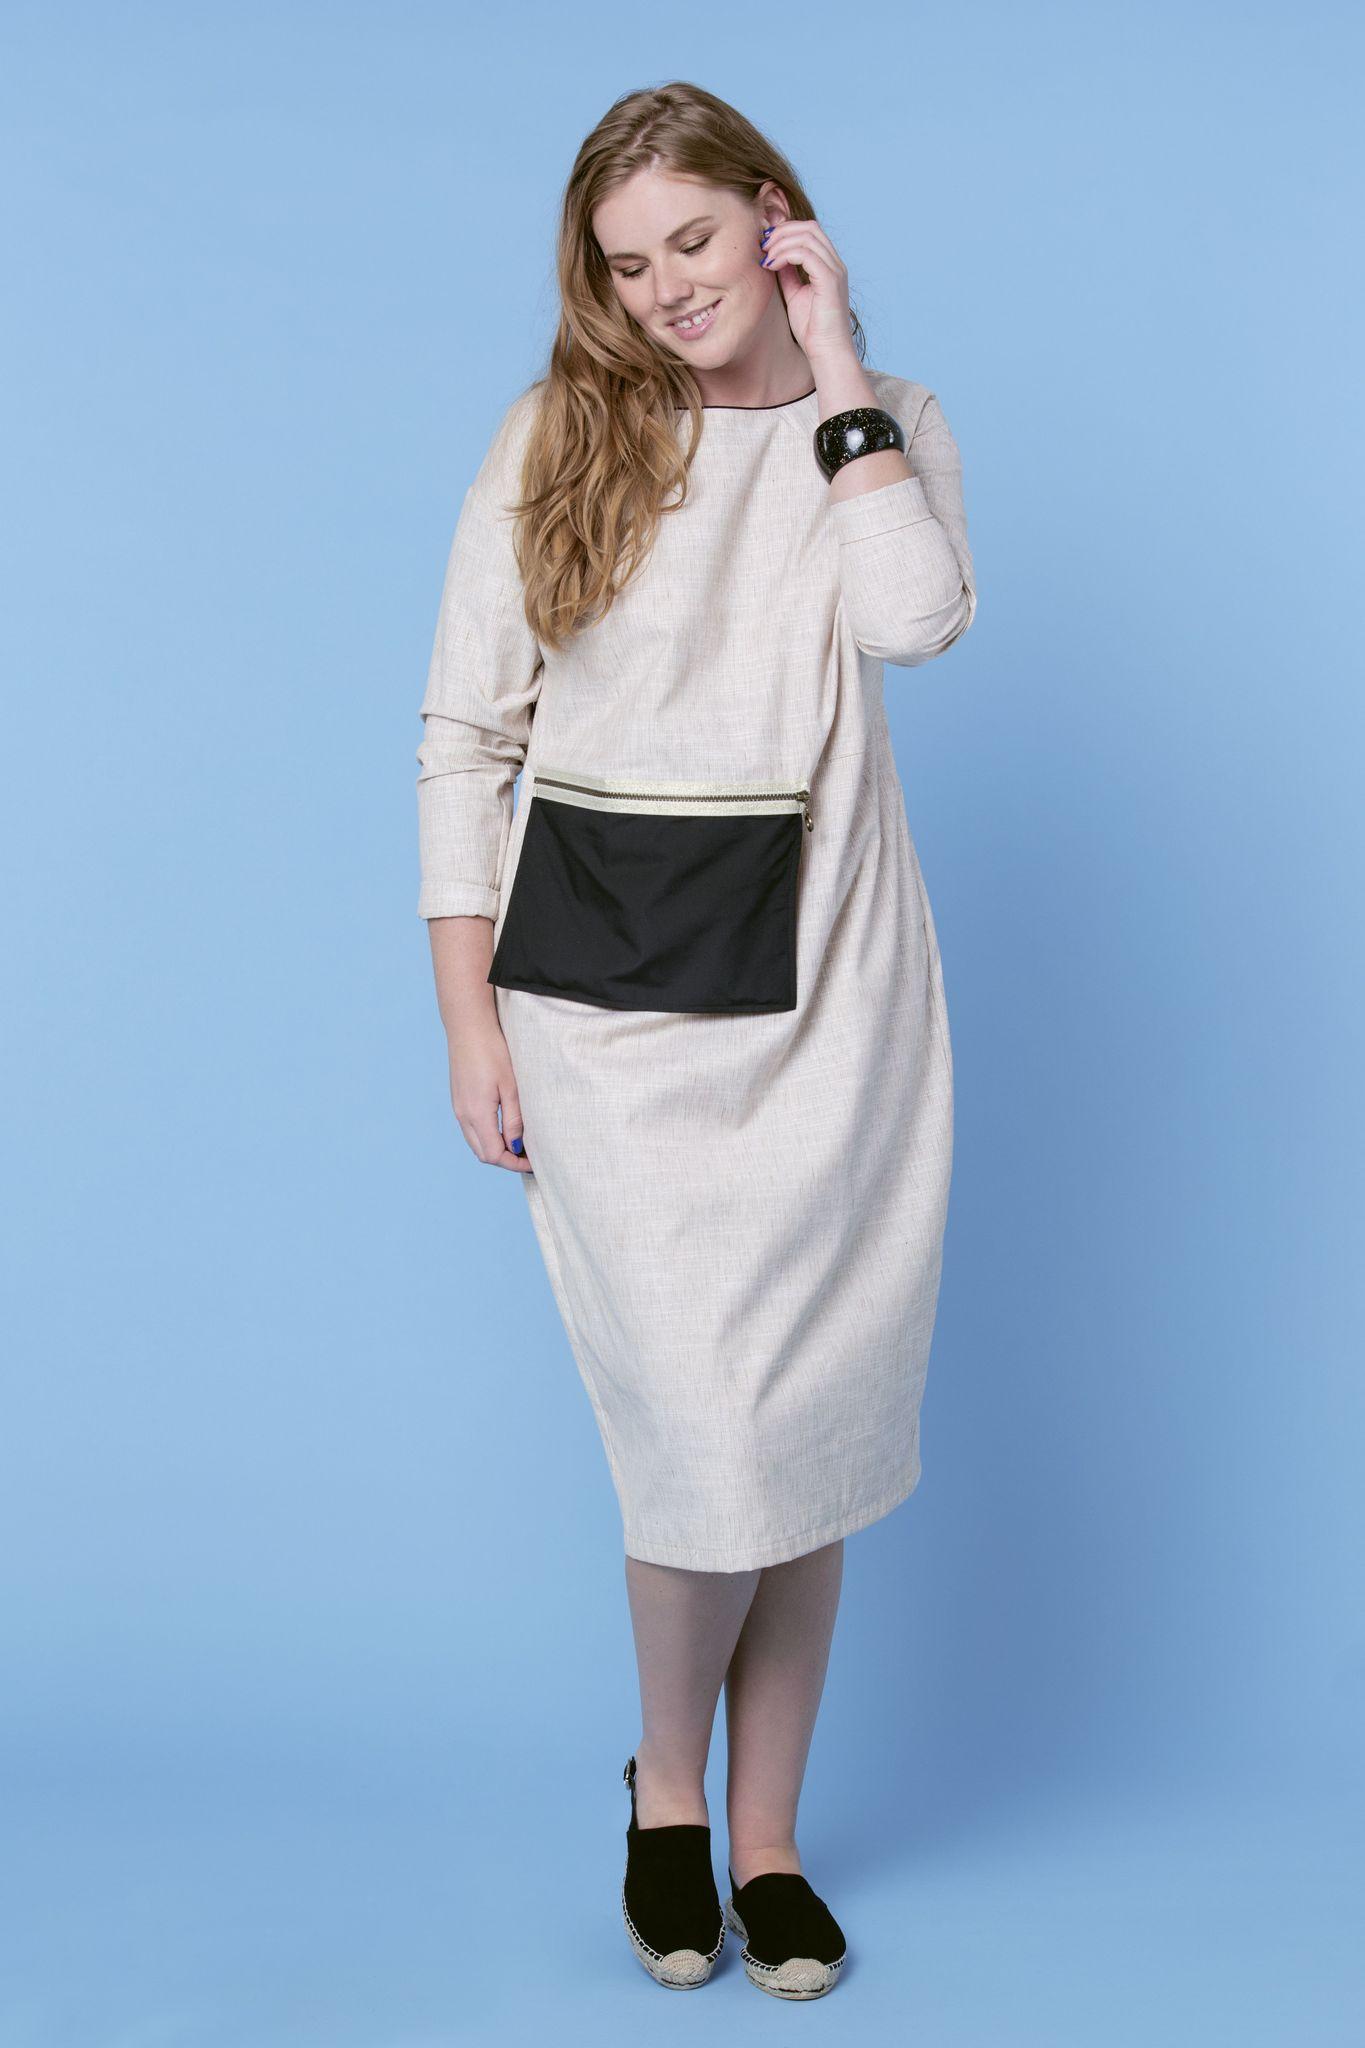 Платье LE-05 D01 15Платья<br>Изящное и функциональное льняное платье с карманом на молнии, в который можно положить кредитную карту, блеск для губ и спрей с термальной водой, а сумку оставить дома. Максимально комфортное, из мягкого льна, в котором можно проходить целый день или даже неделю и не устать. Длина - ниже колена, свободное облегание, классический разрез сзади. Подходит любая обувь. Для работы, города или отпуска. Рост модели на фото 179 см, размер - 54 российский.<br>